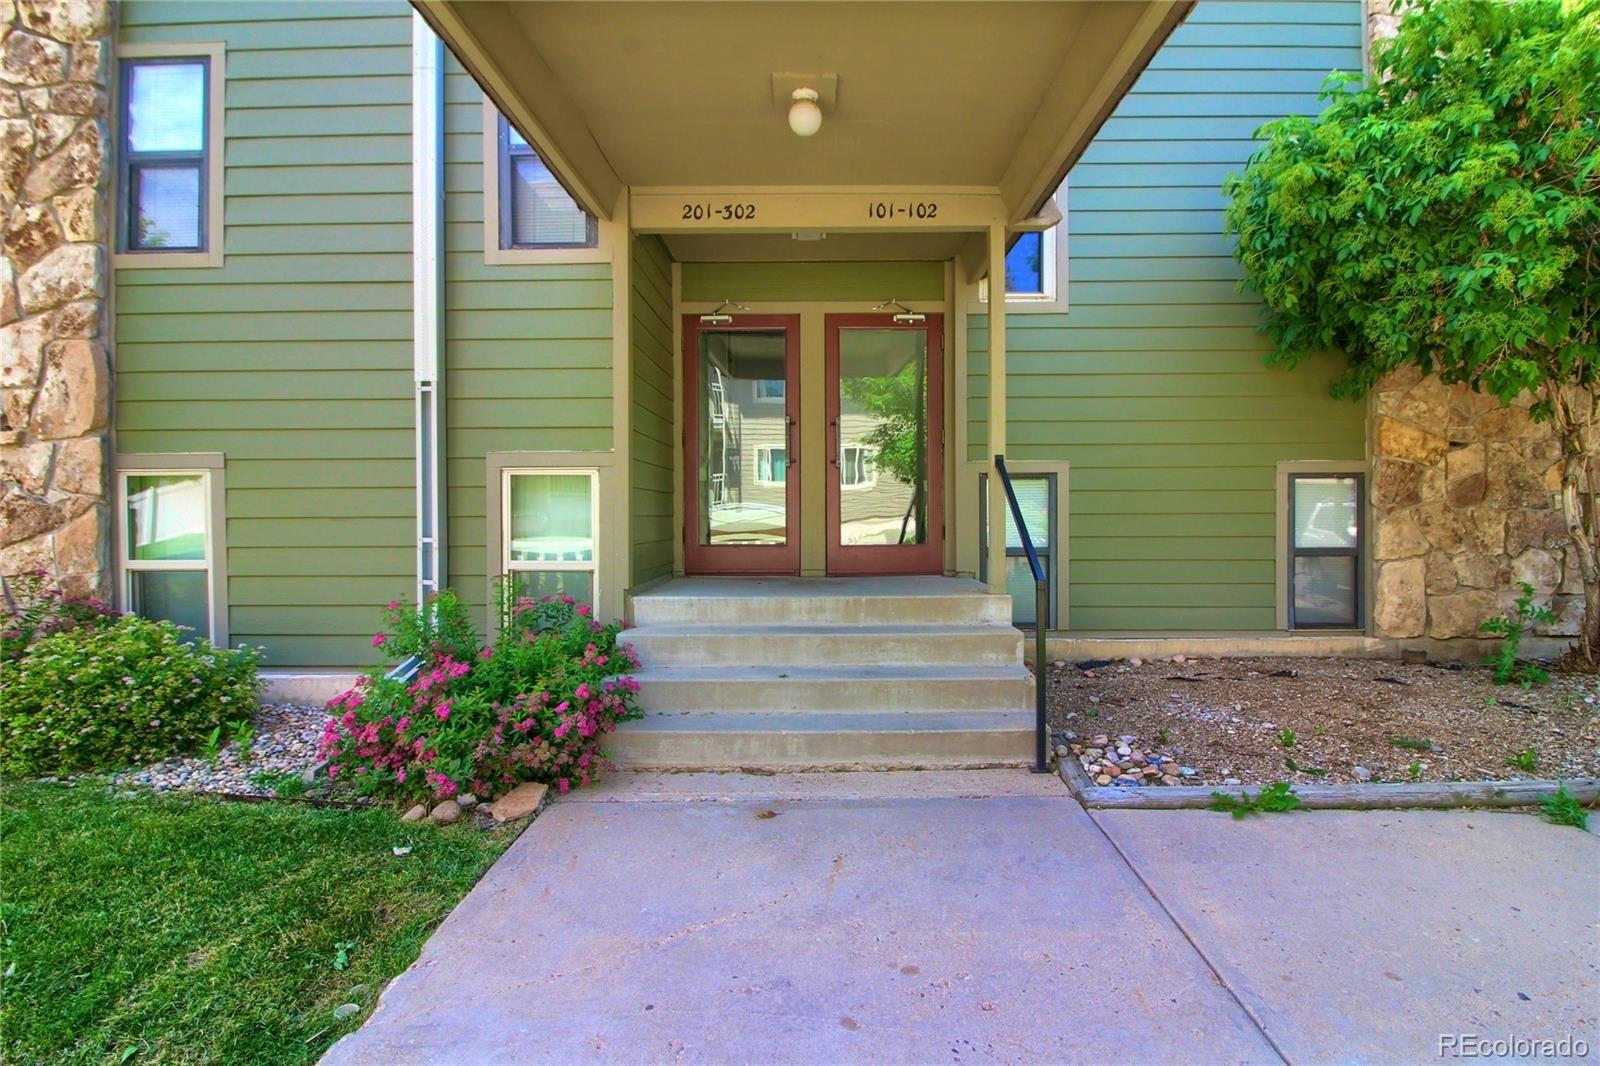 MLS# 8942886 - 2 - 3315 Chisholm Trail #302, Boulder, CO 80301